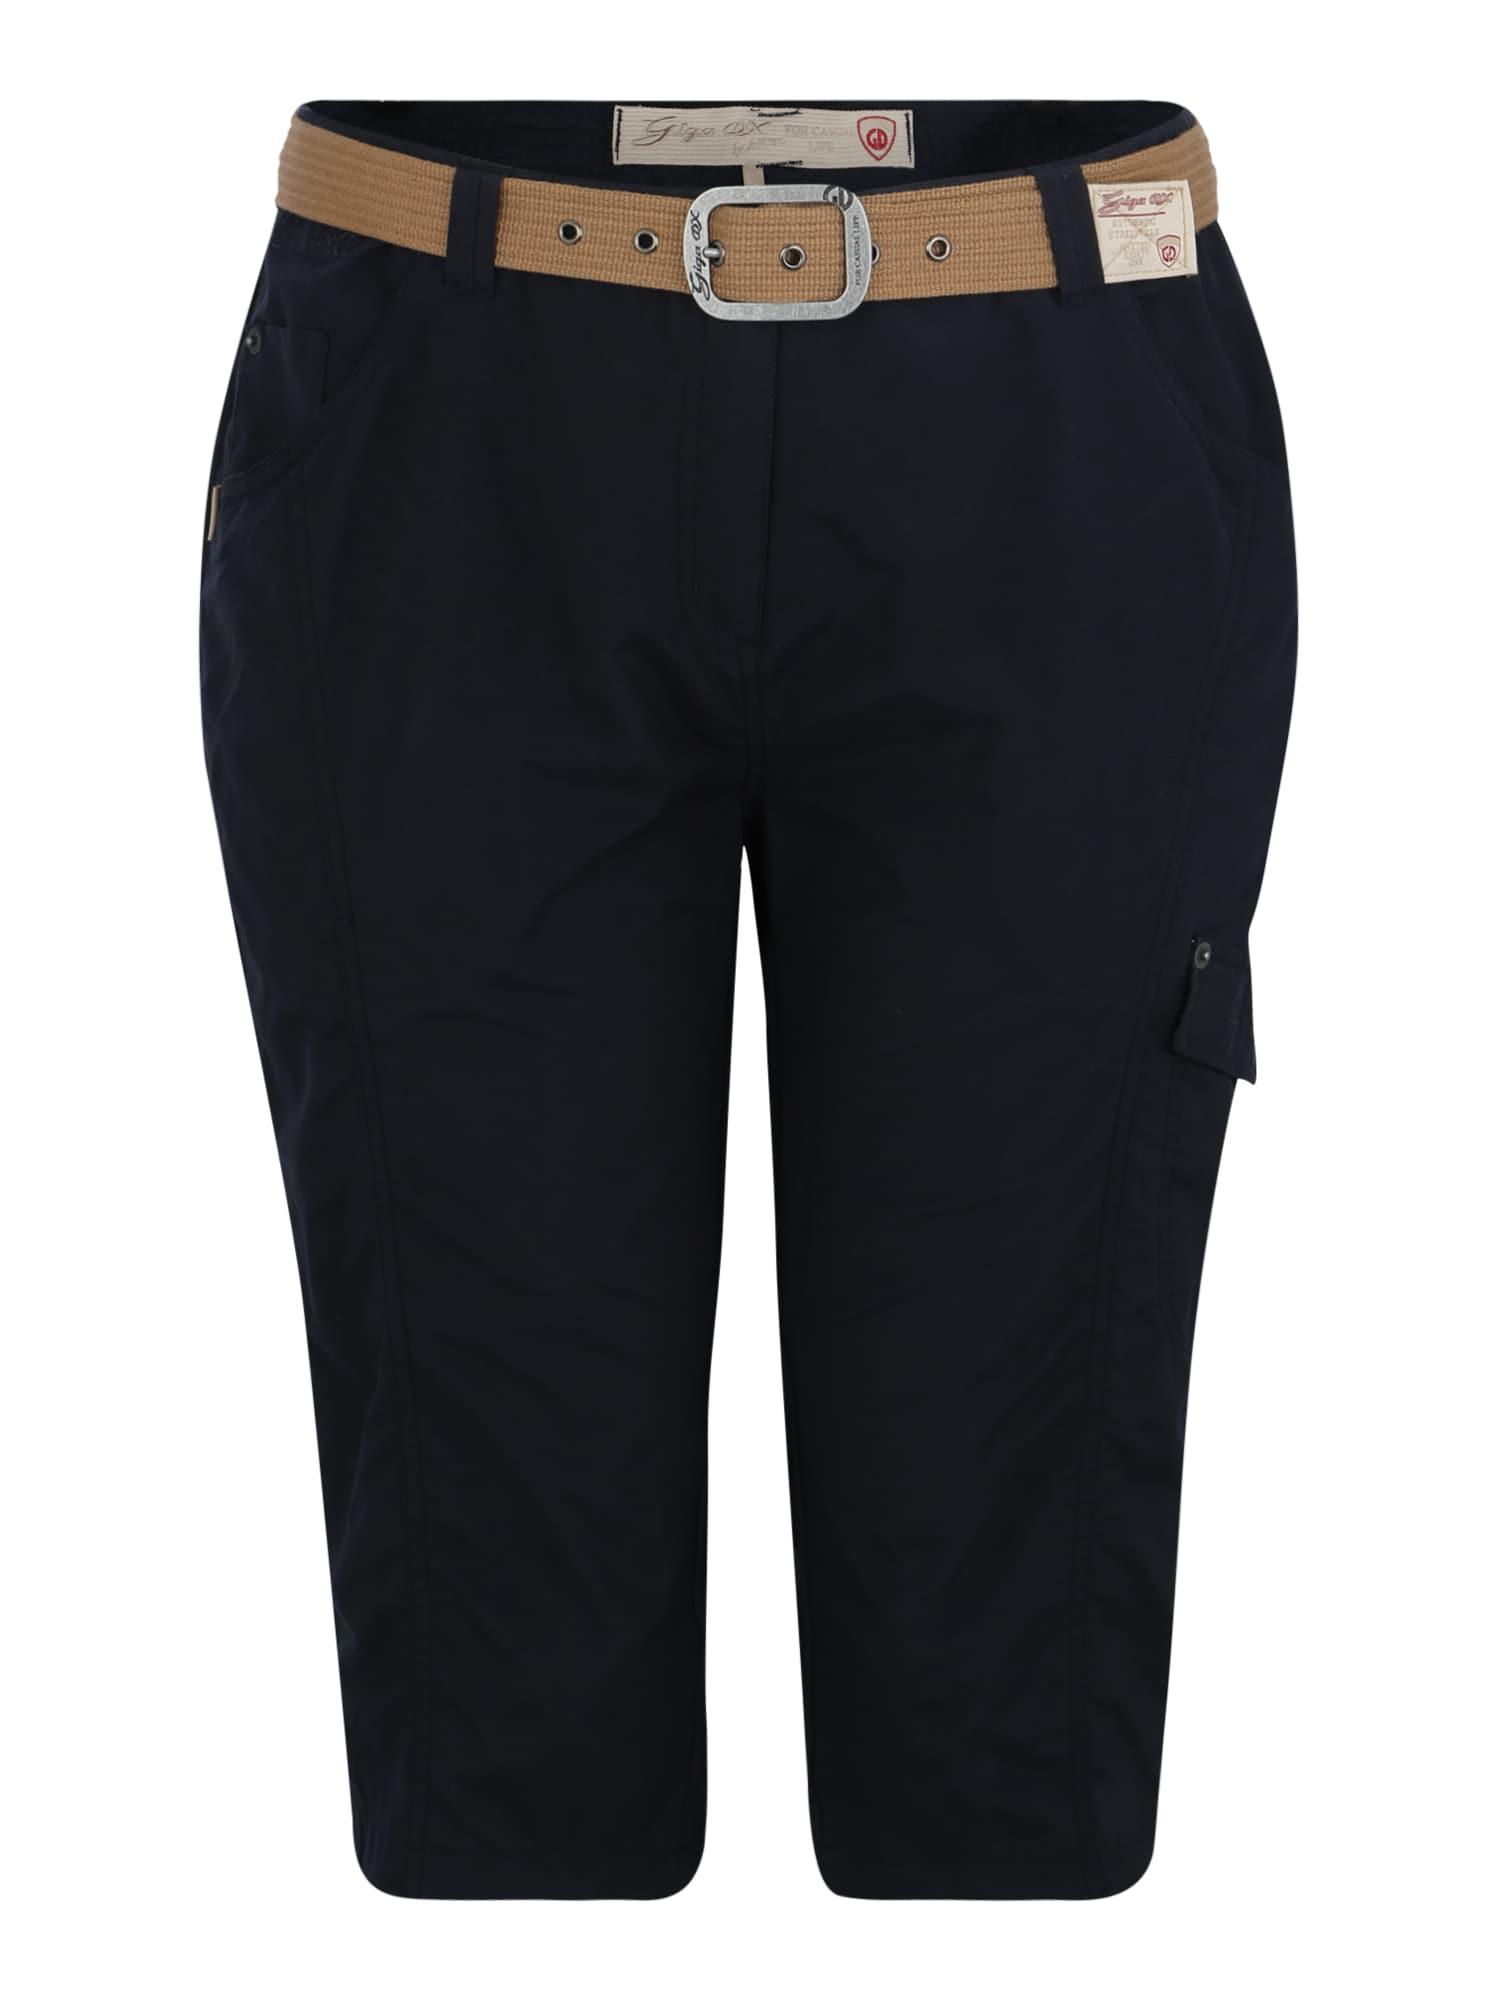 Kalhoty Nelika námořnická modř G.I.G.A. DX